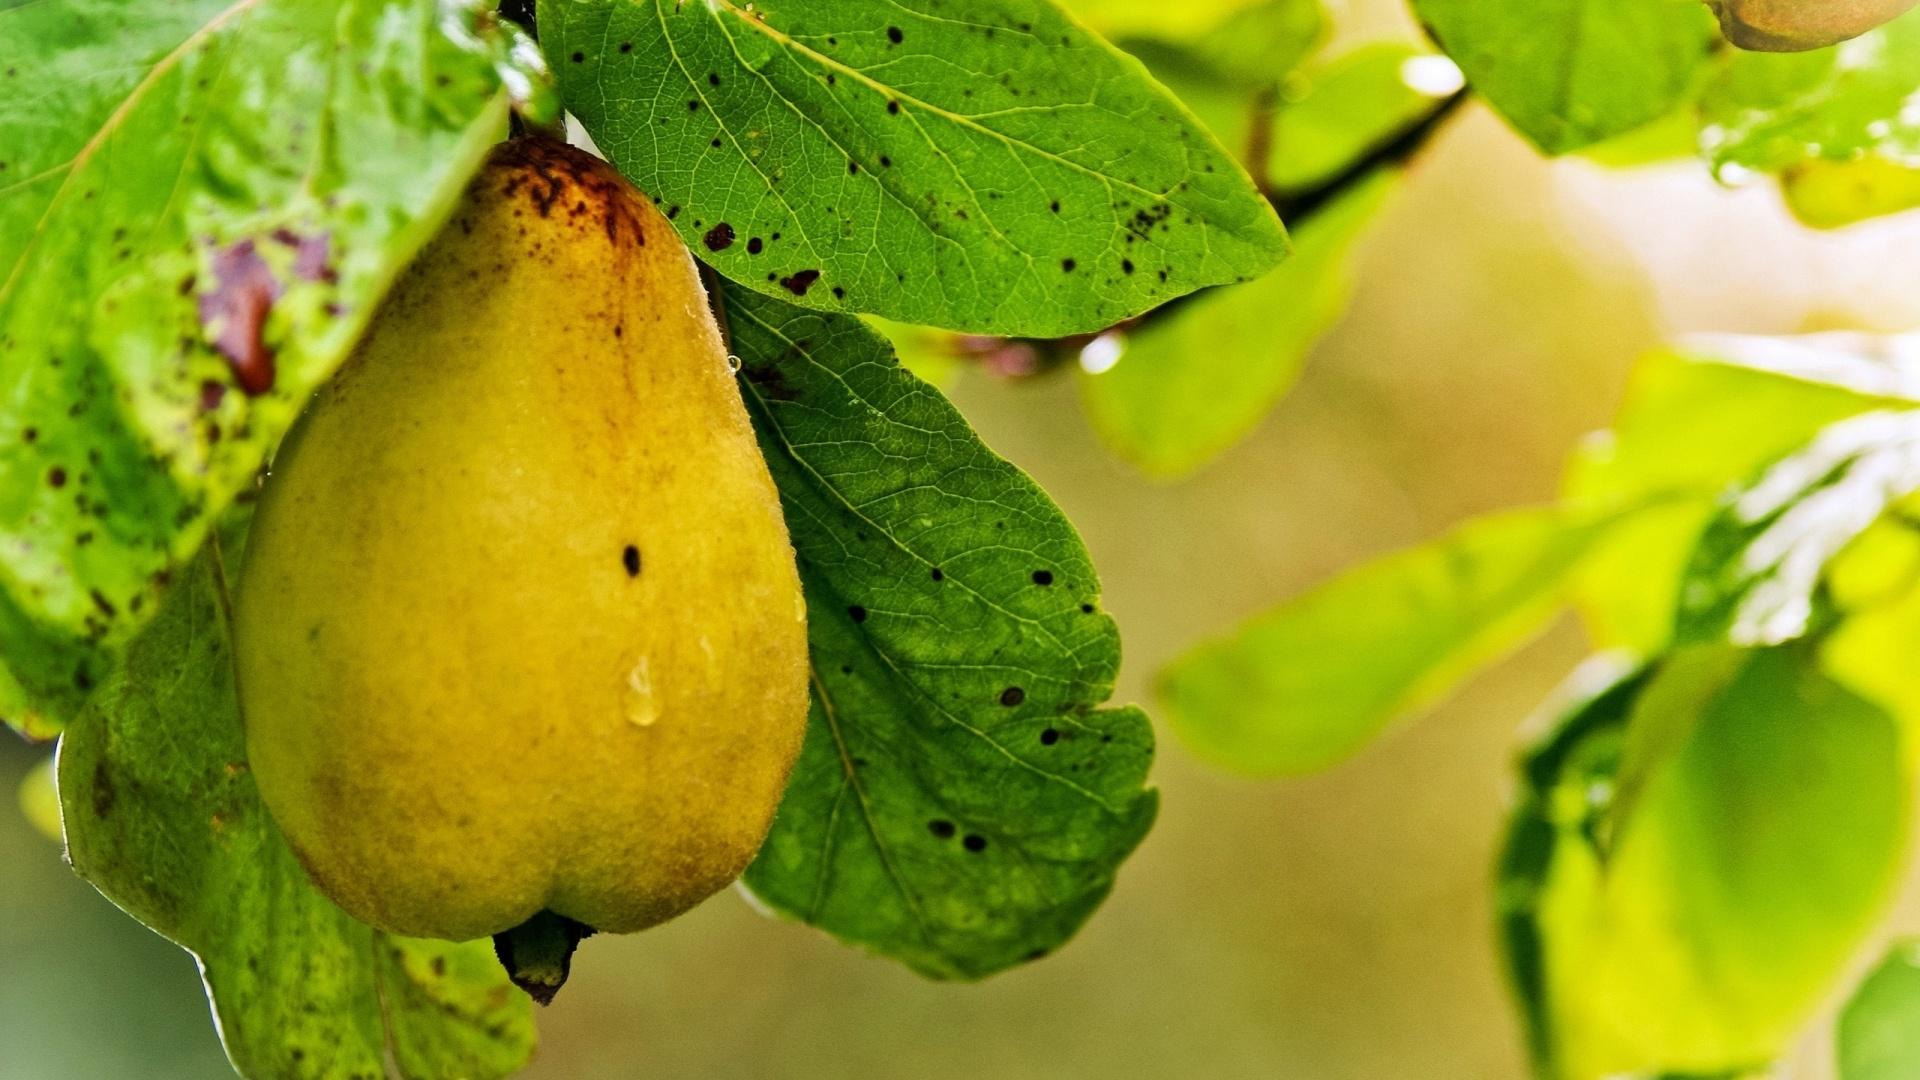 Pear computer wallpaper